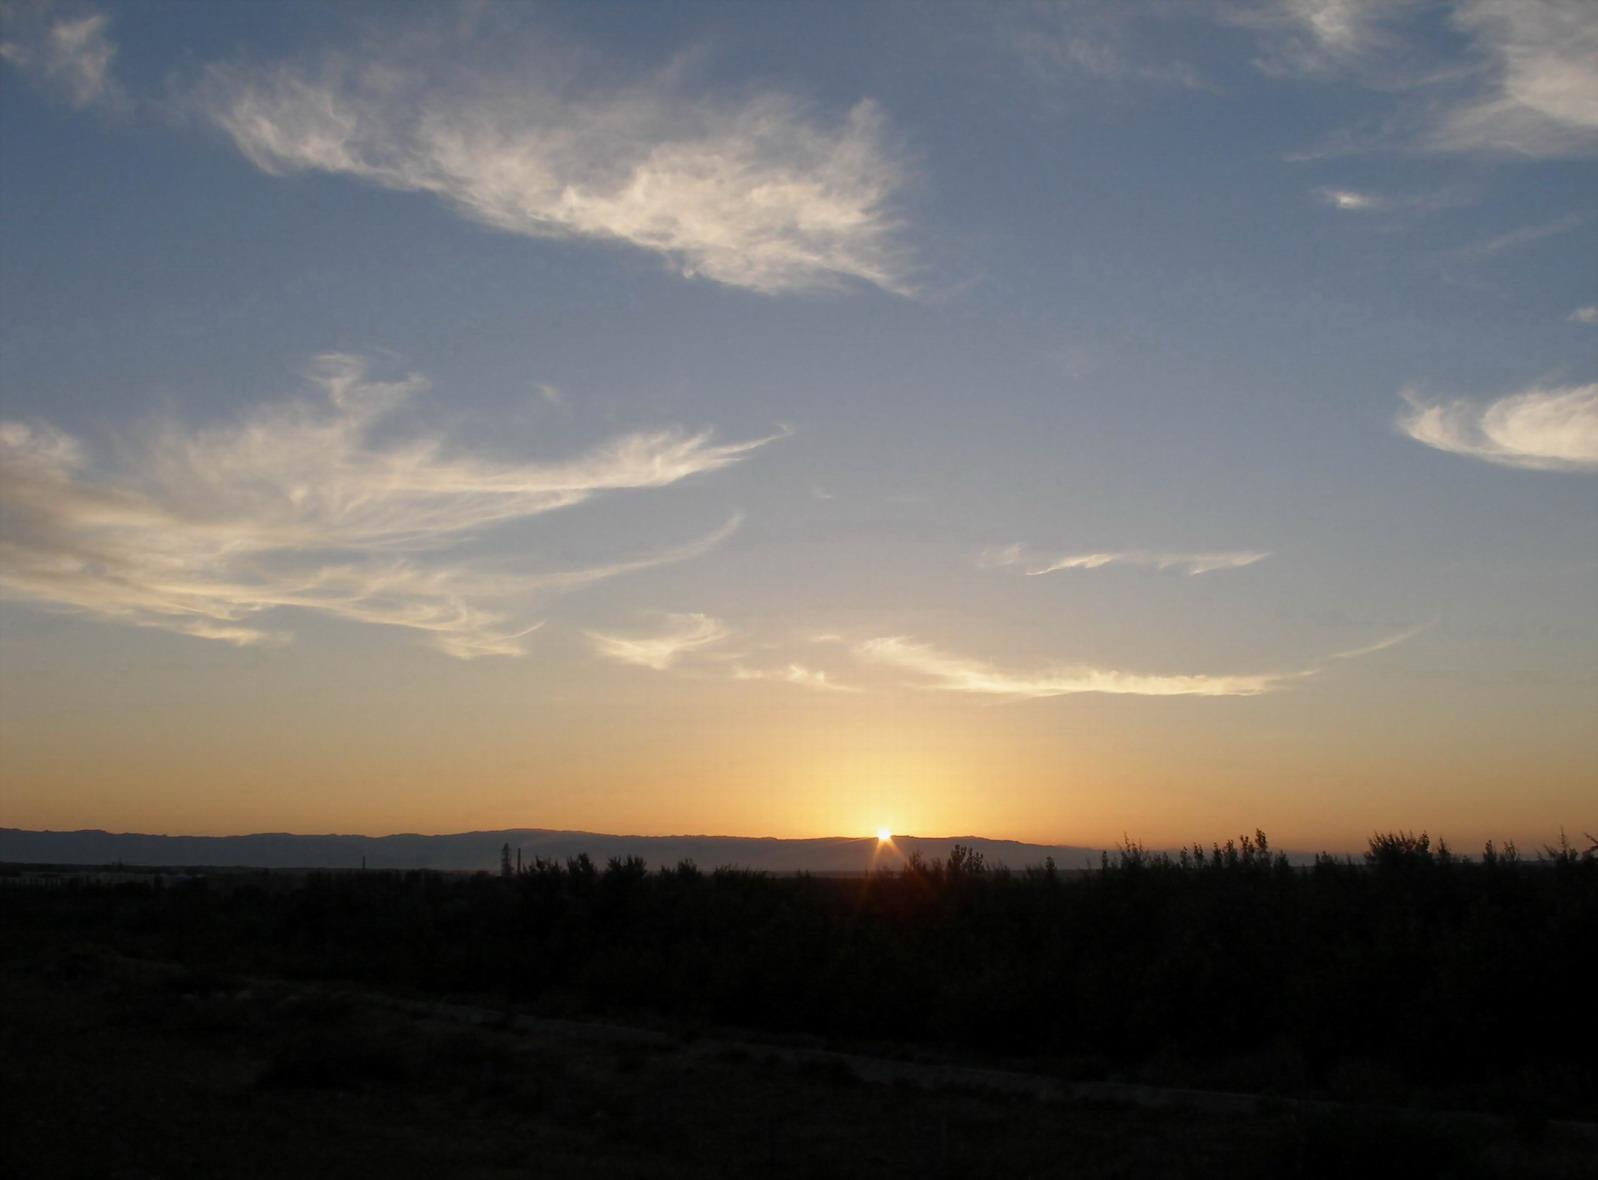 来自多个早晨的美景,让你心情好一天!